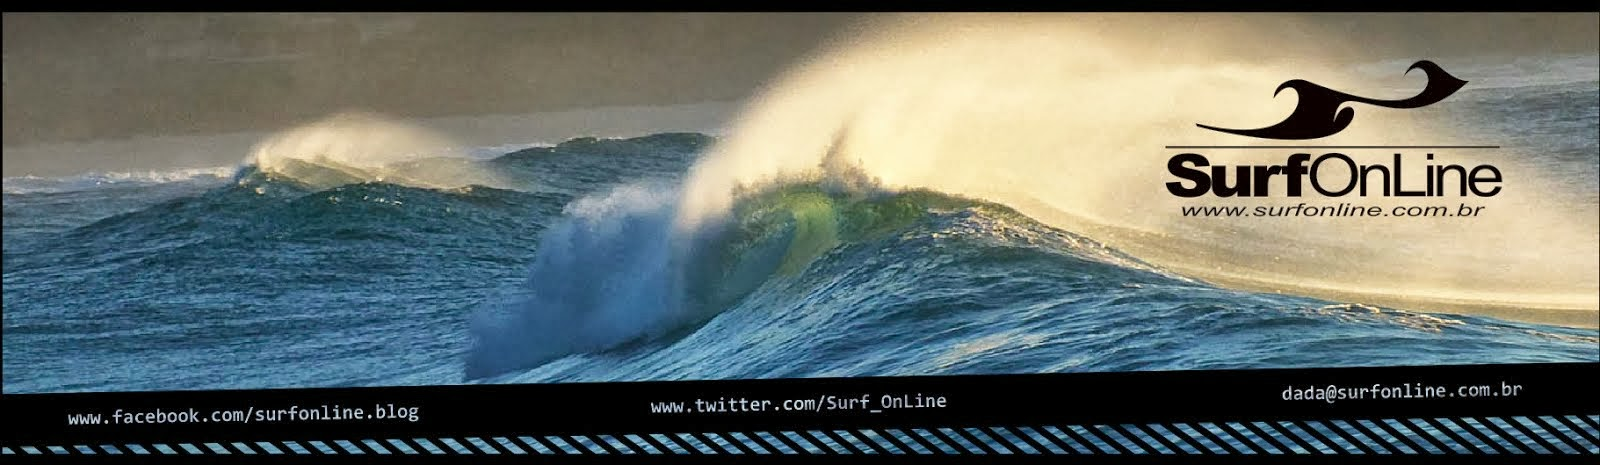 SurfOnLine